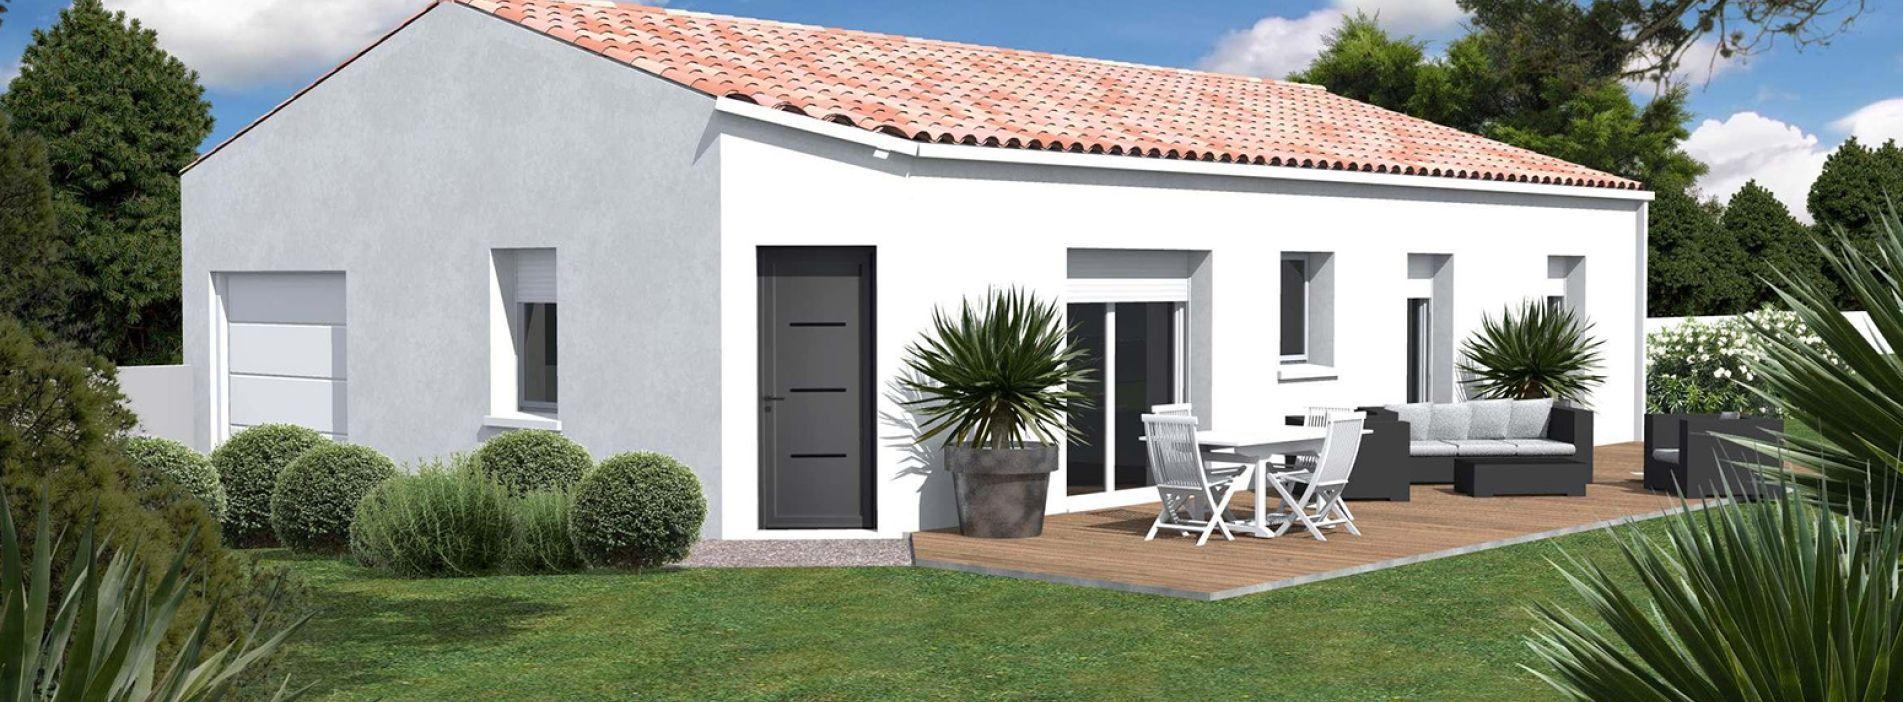 Image Maison 86.33 m² avec terrain à SAINT-JEAN-DE-BLAIGNAC (GIRONDE - 33)